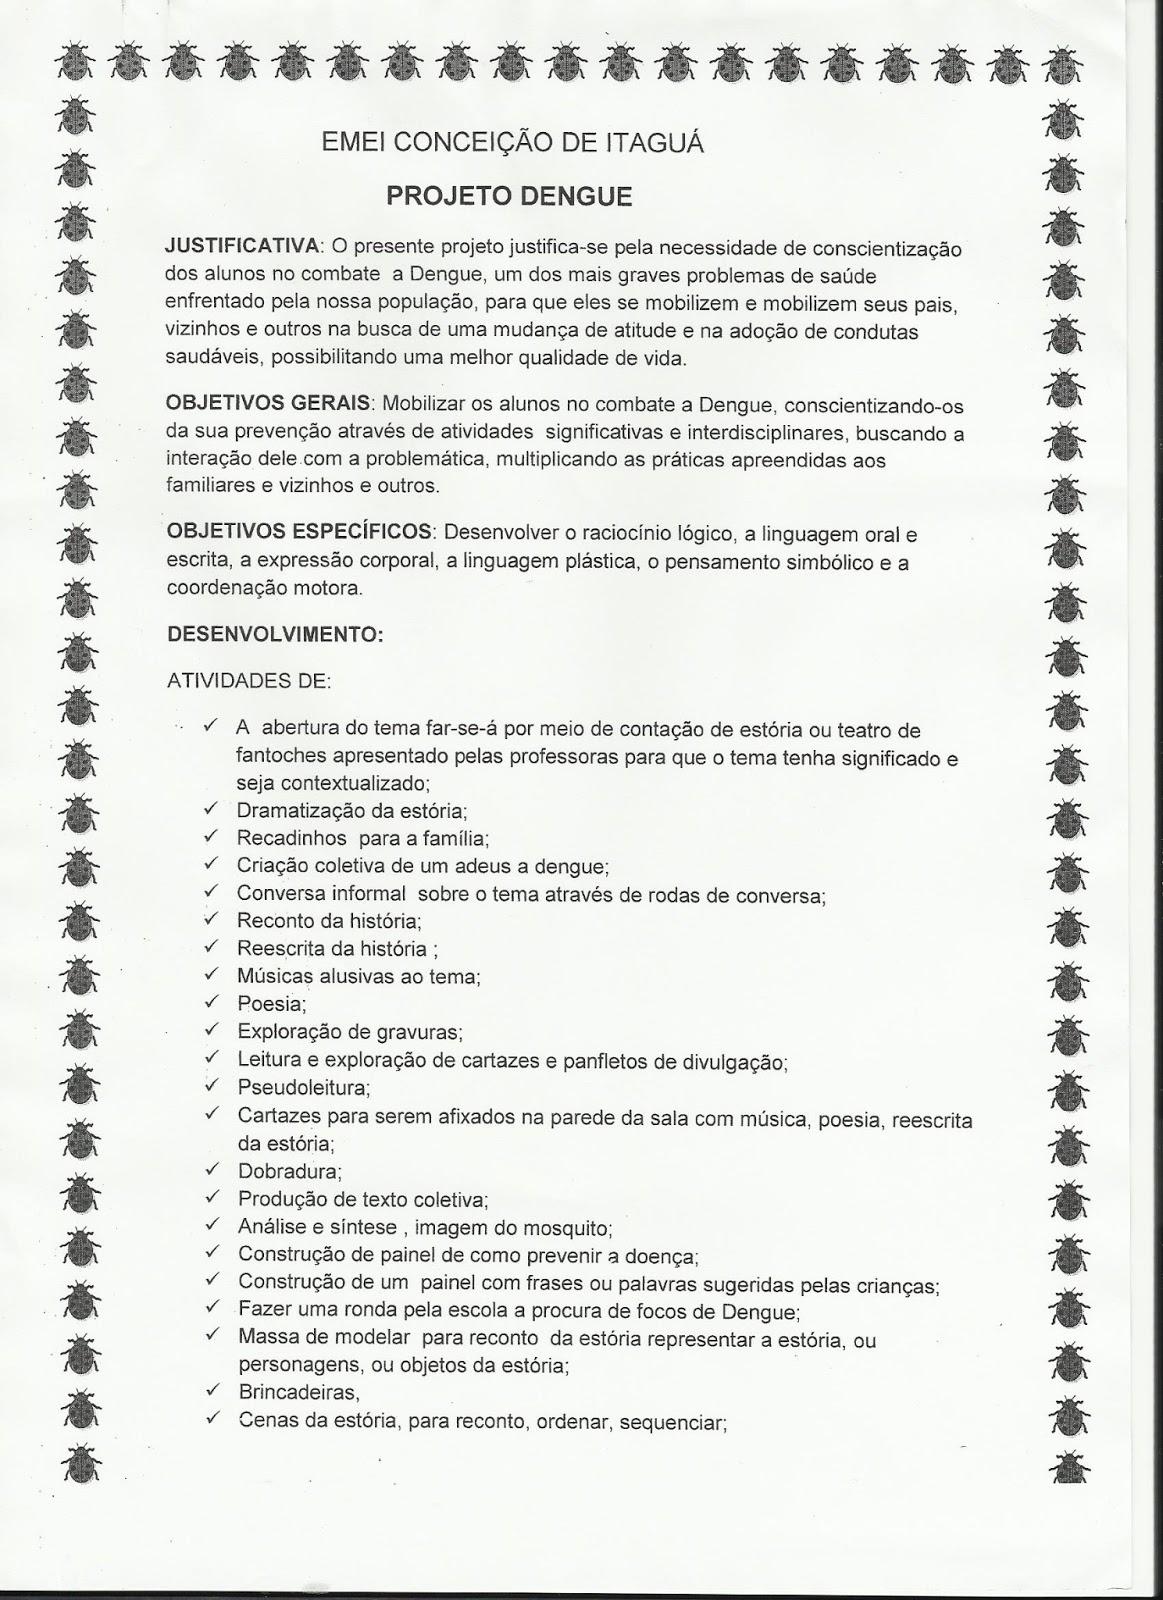 Conhecido Profª: Ivani Ferreira: Projeto Dengue para educação infantil QO08